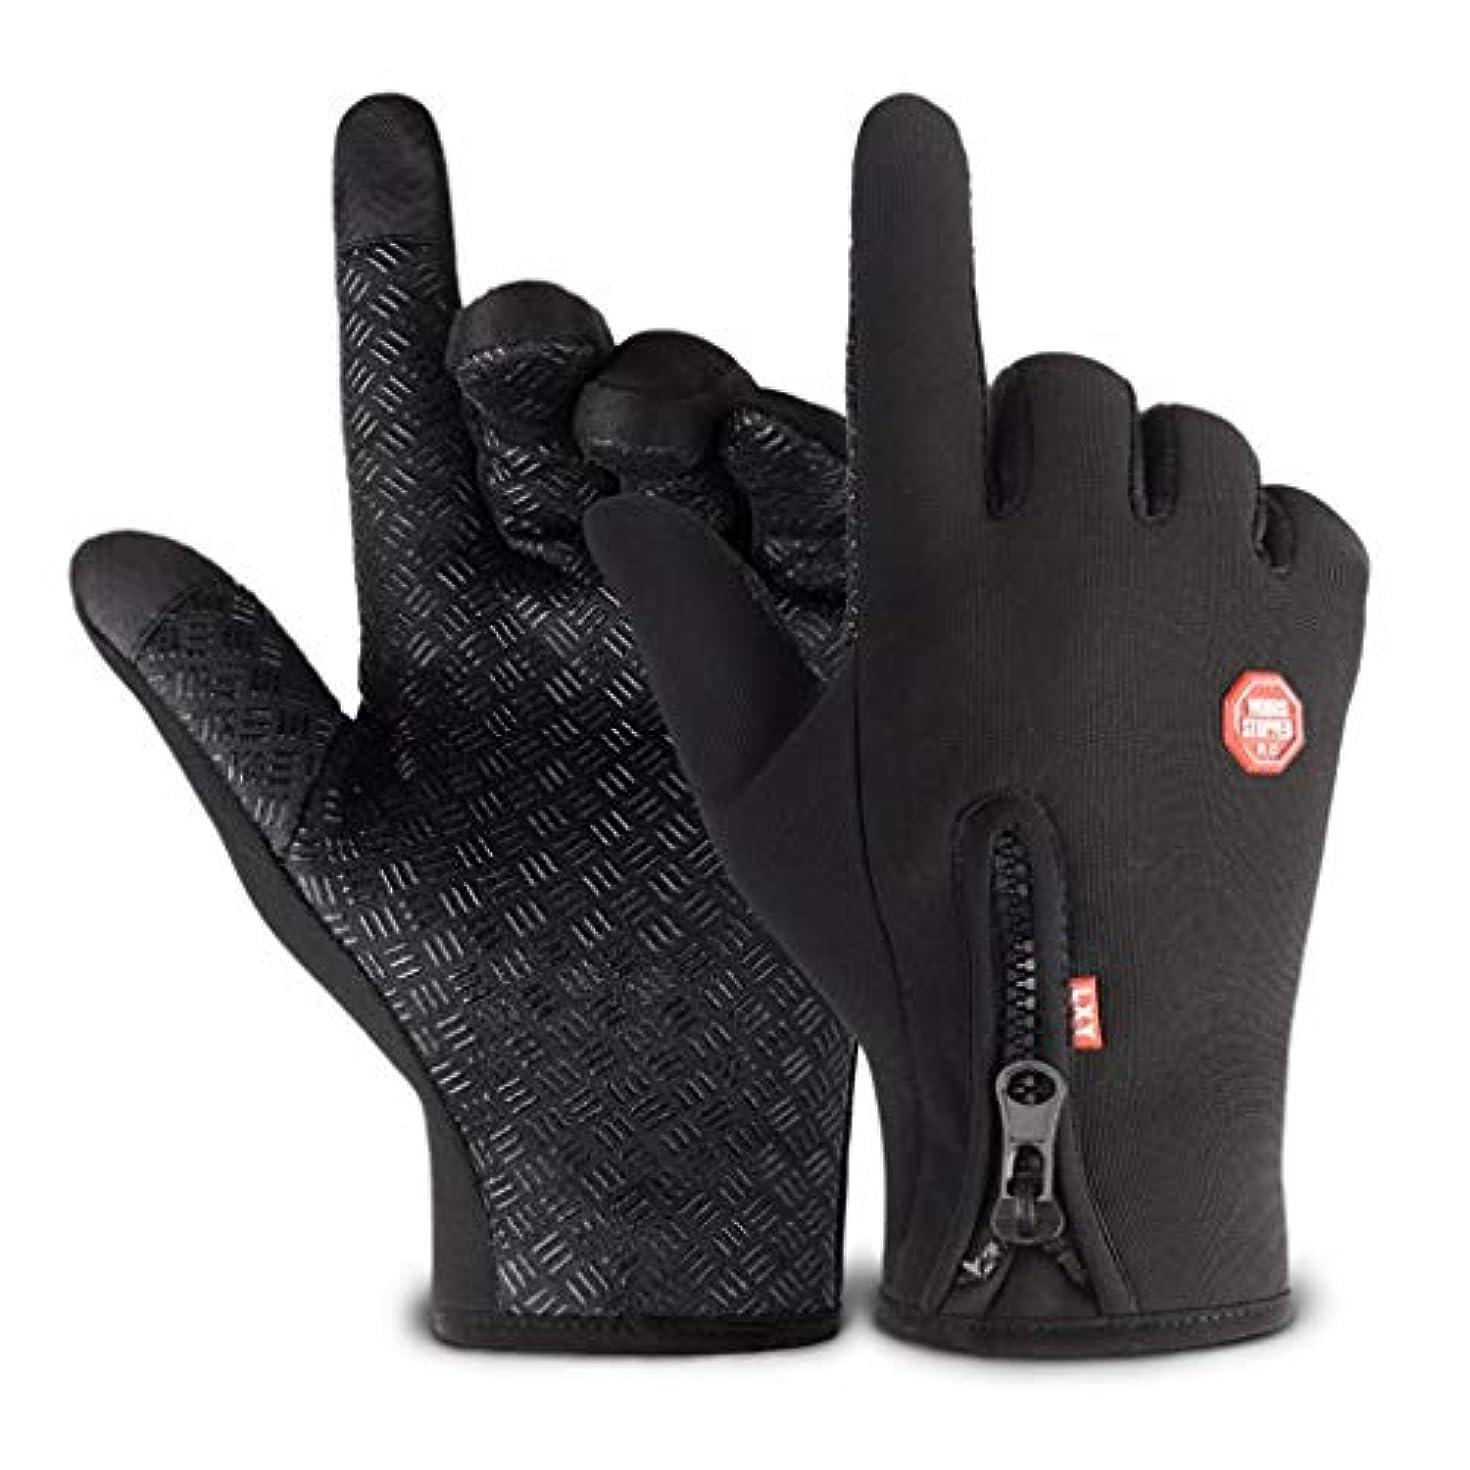 用心色合い胸手袋男性の秋と冬の自転車電動バイクの女性のタッチスクリーン全天候防風ノンスリップ暖かいコールドプラスベルベット弾性手袋ワンサイズ黒